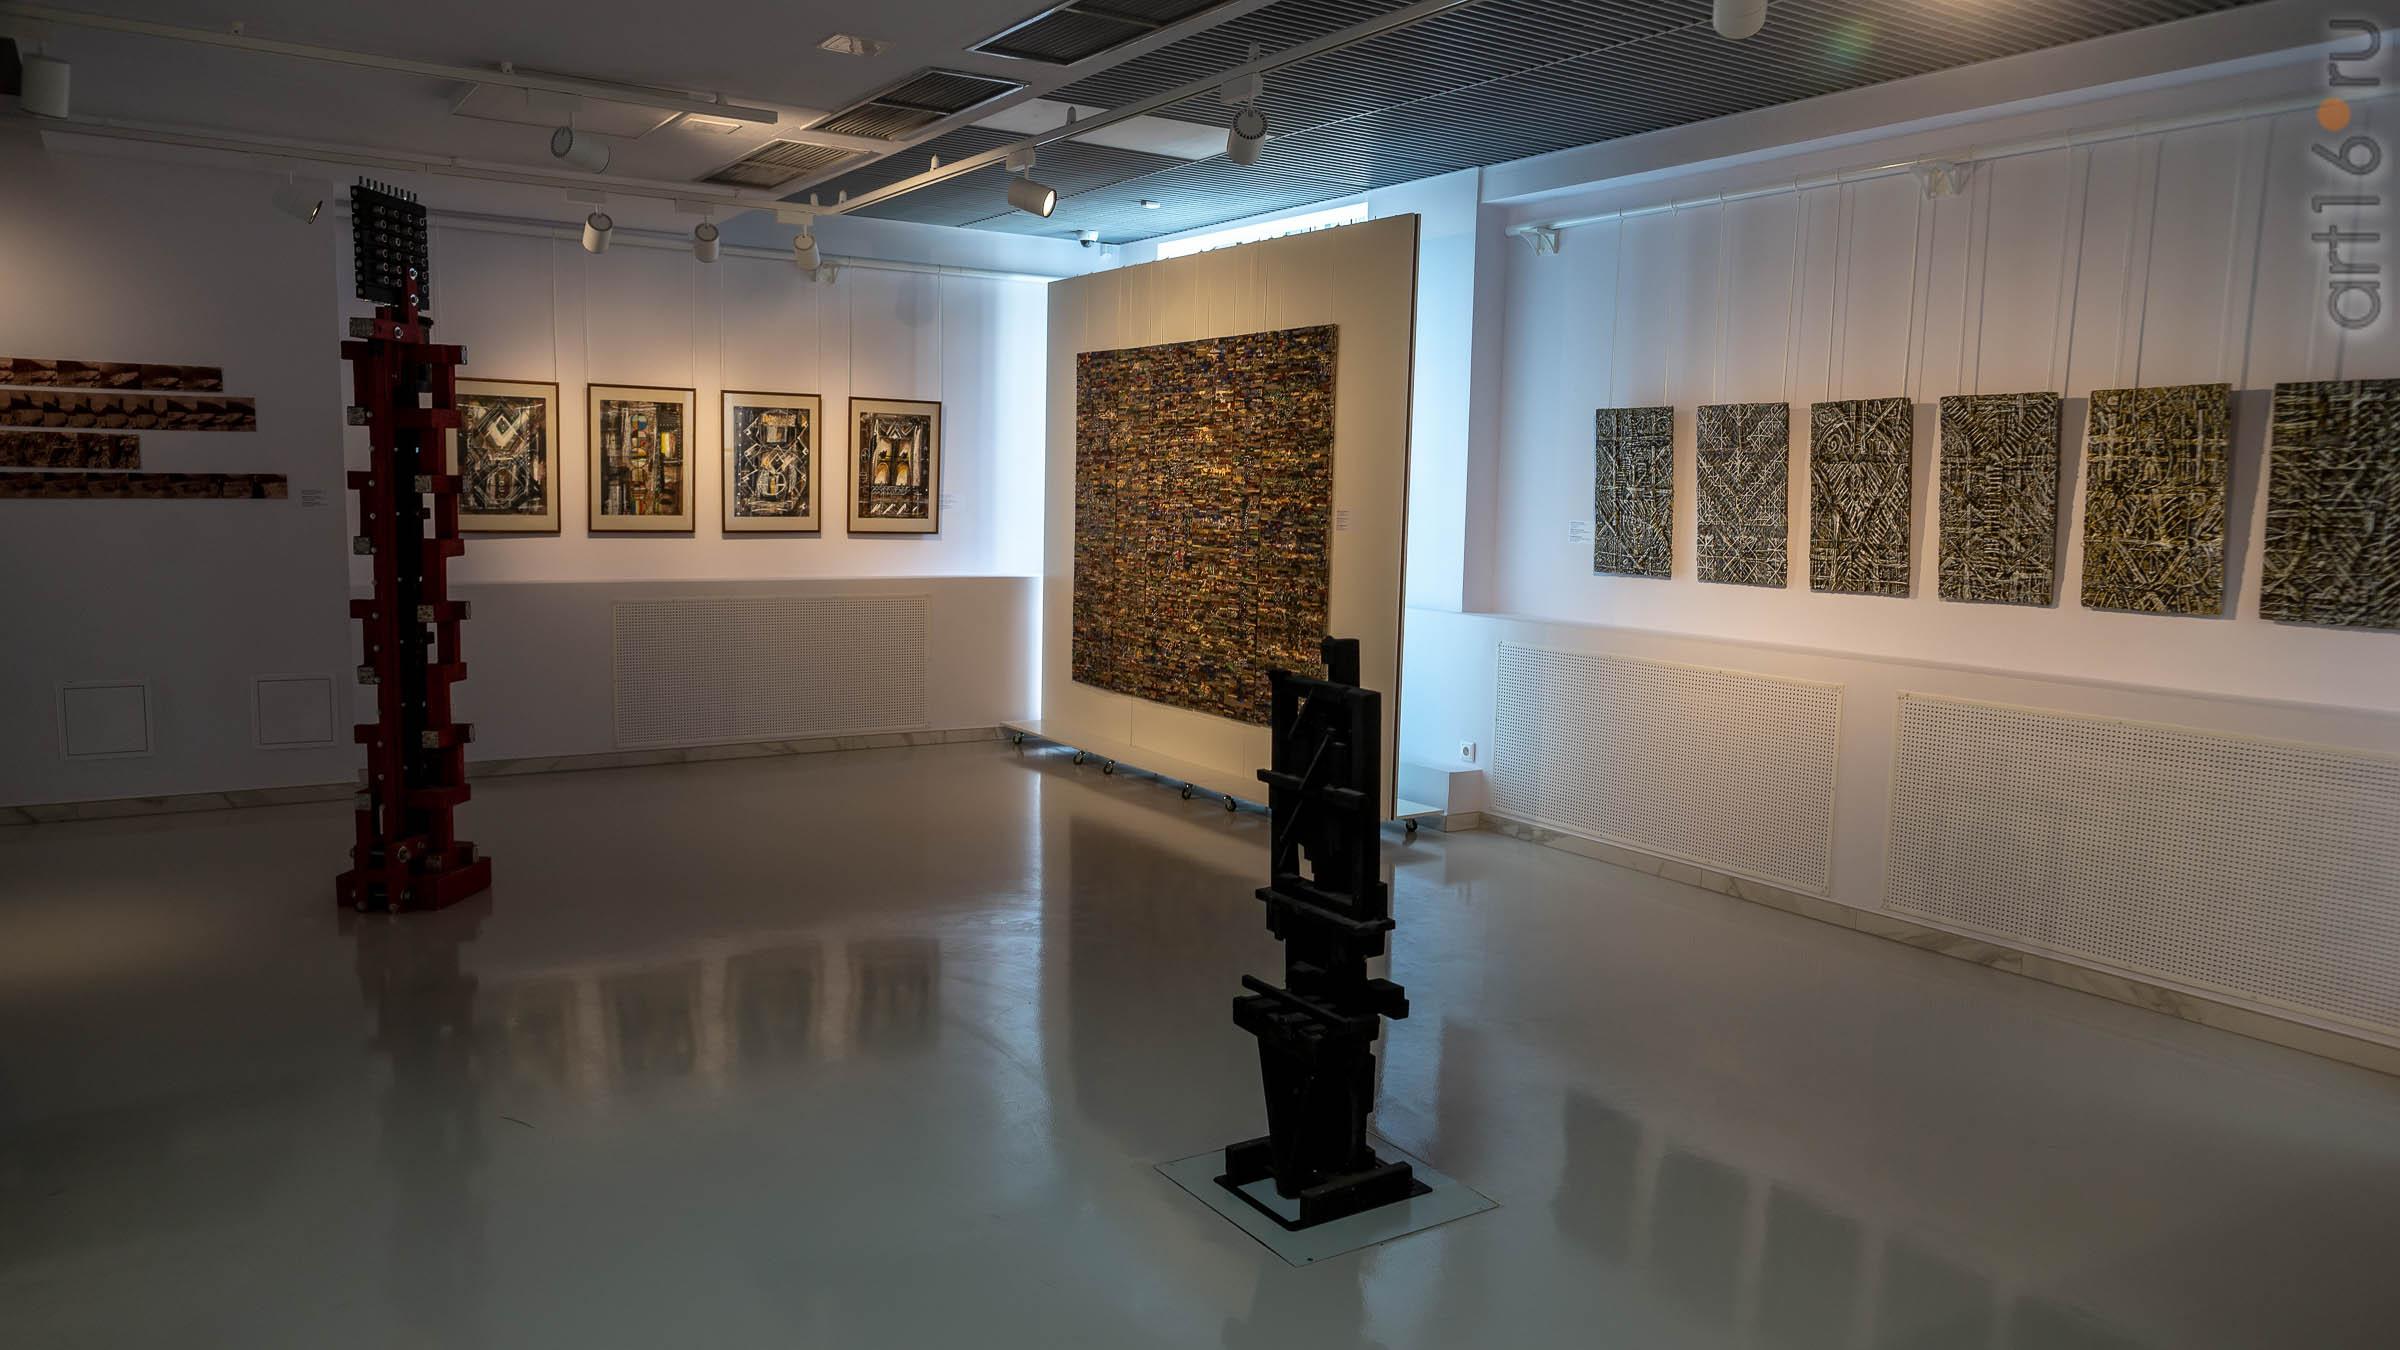 Фрагмент экспозиции выставки художников Дагестана в ГСИ ГМИИ РТ::Transformatio. Современное искусство Дагестана